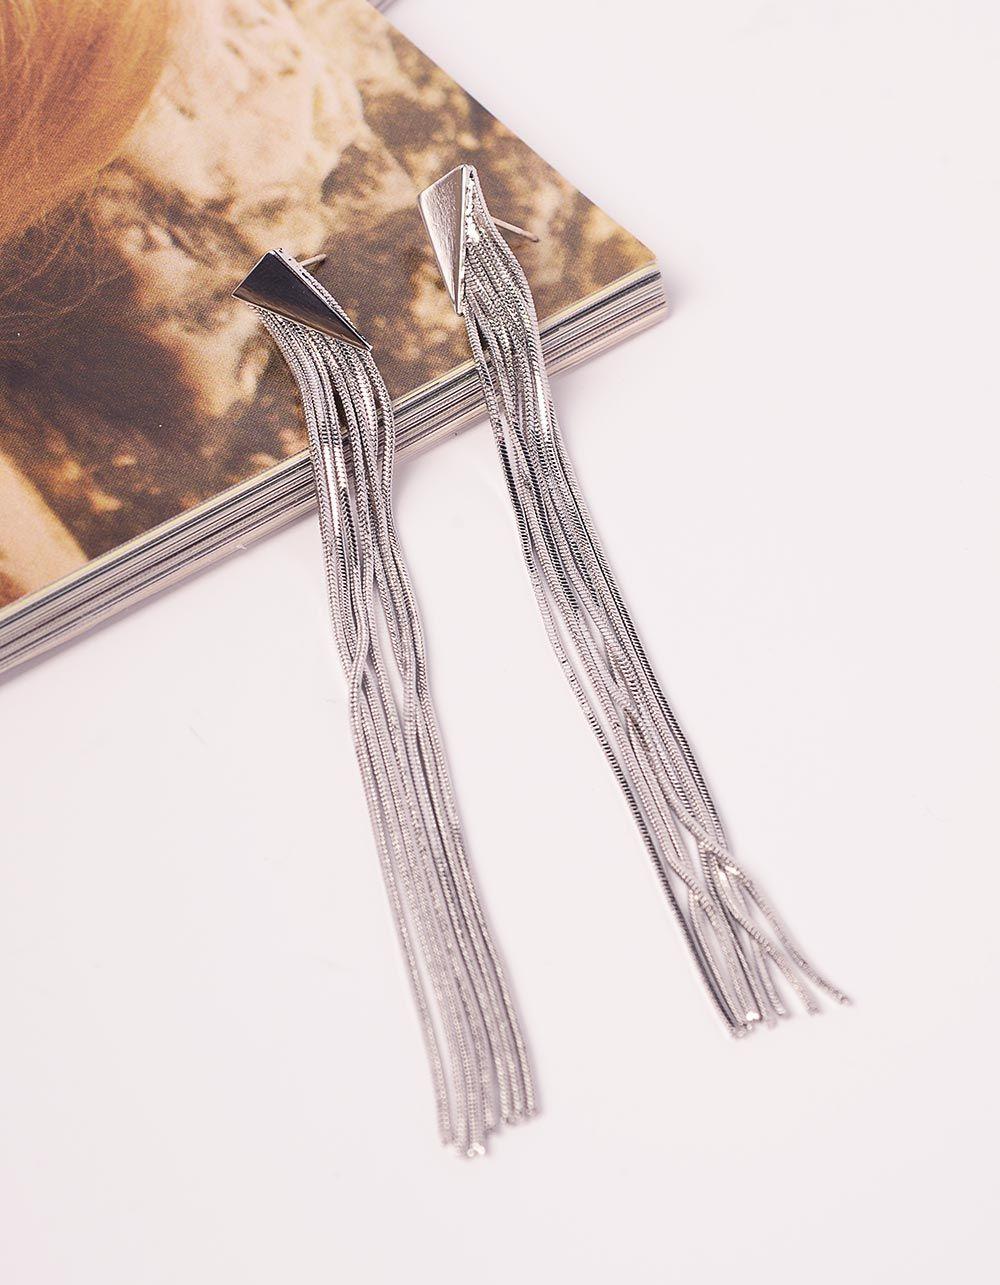 Сережки довгі з ланцюжків   240803-05-XX